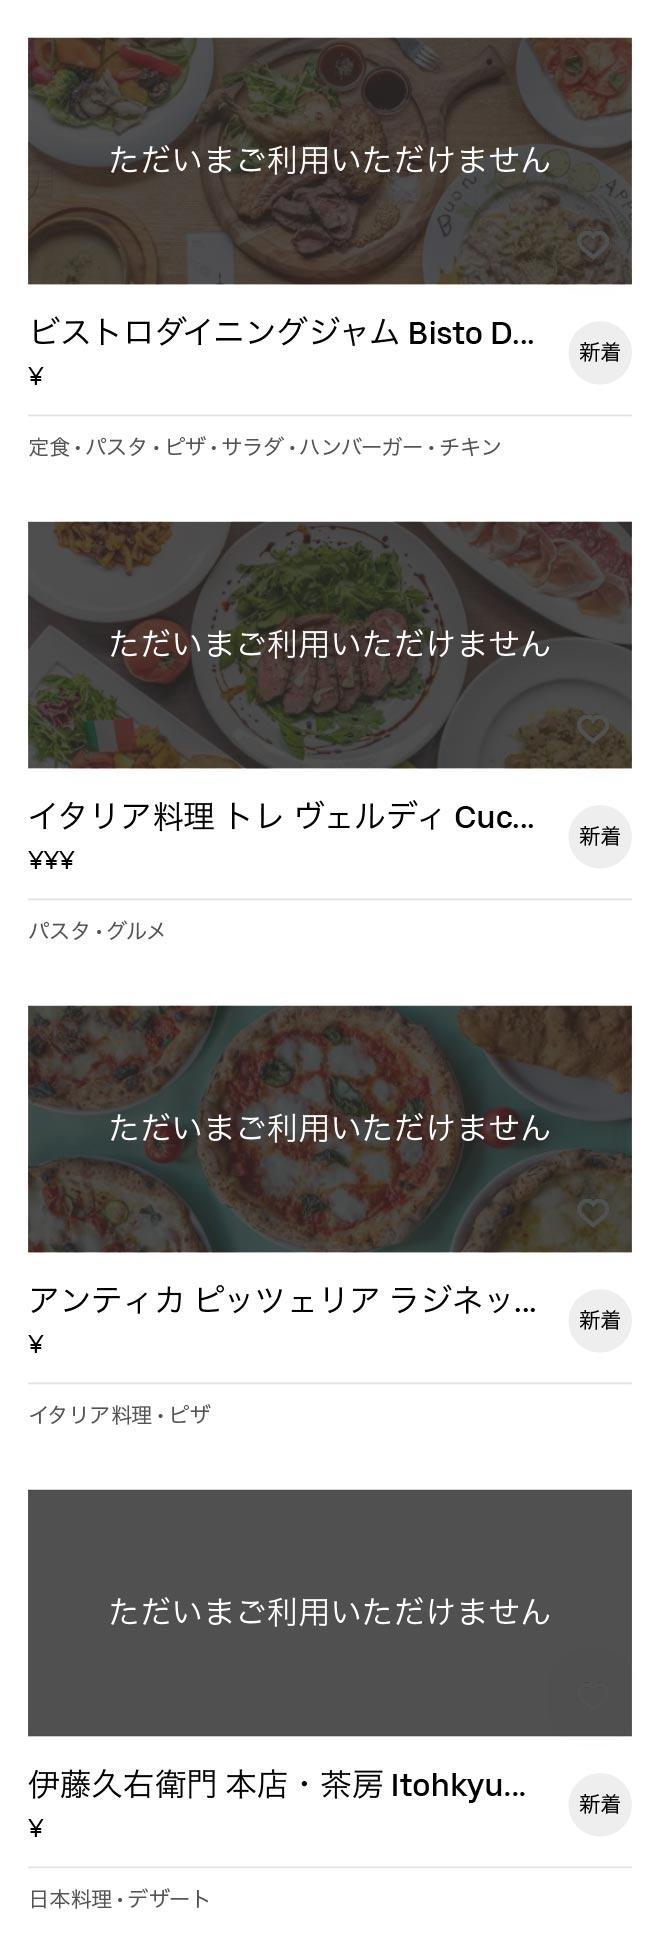 Uji ogura menu 2005 05